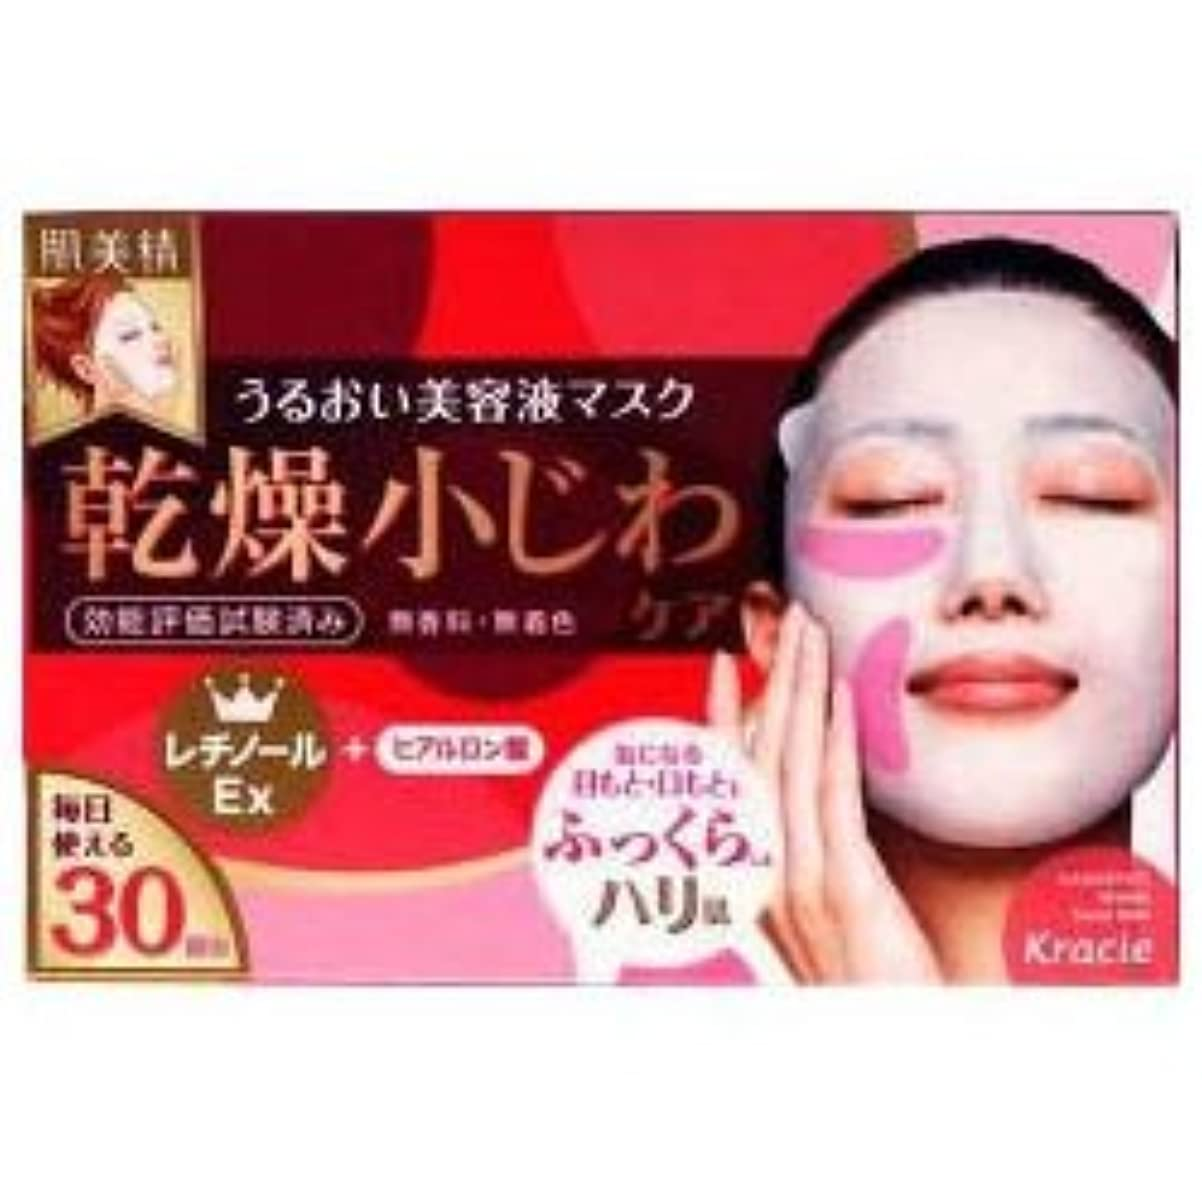 変動する指絶望【クラシエ】肌美精 デイリーリンクルケア美容液マスク 30枚 ×20個セット